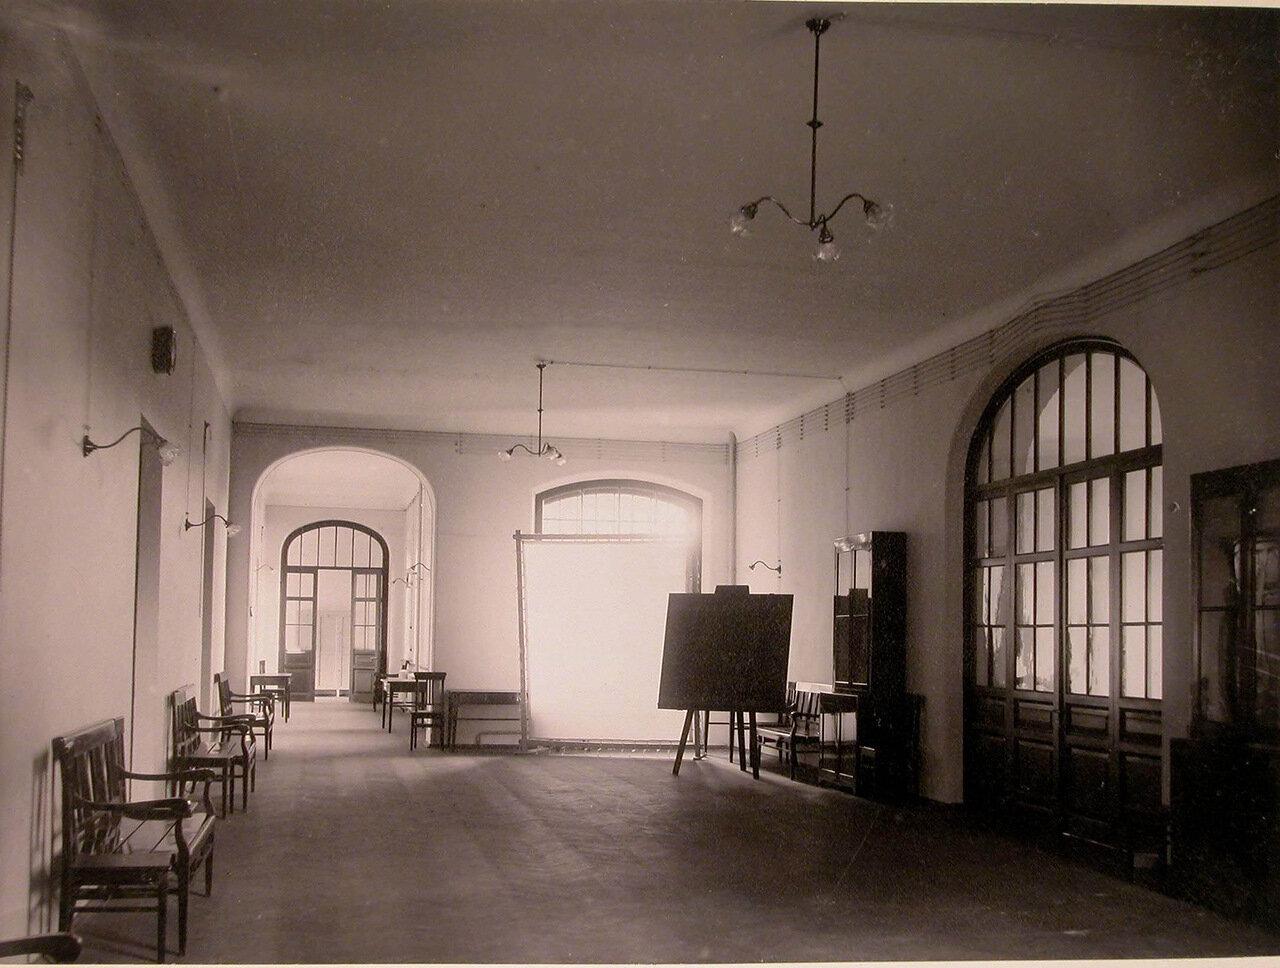 08. Вид части коридора в доме призрения для увечных воинов